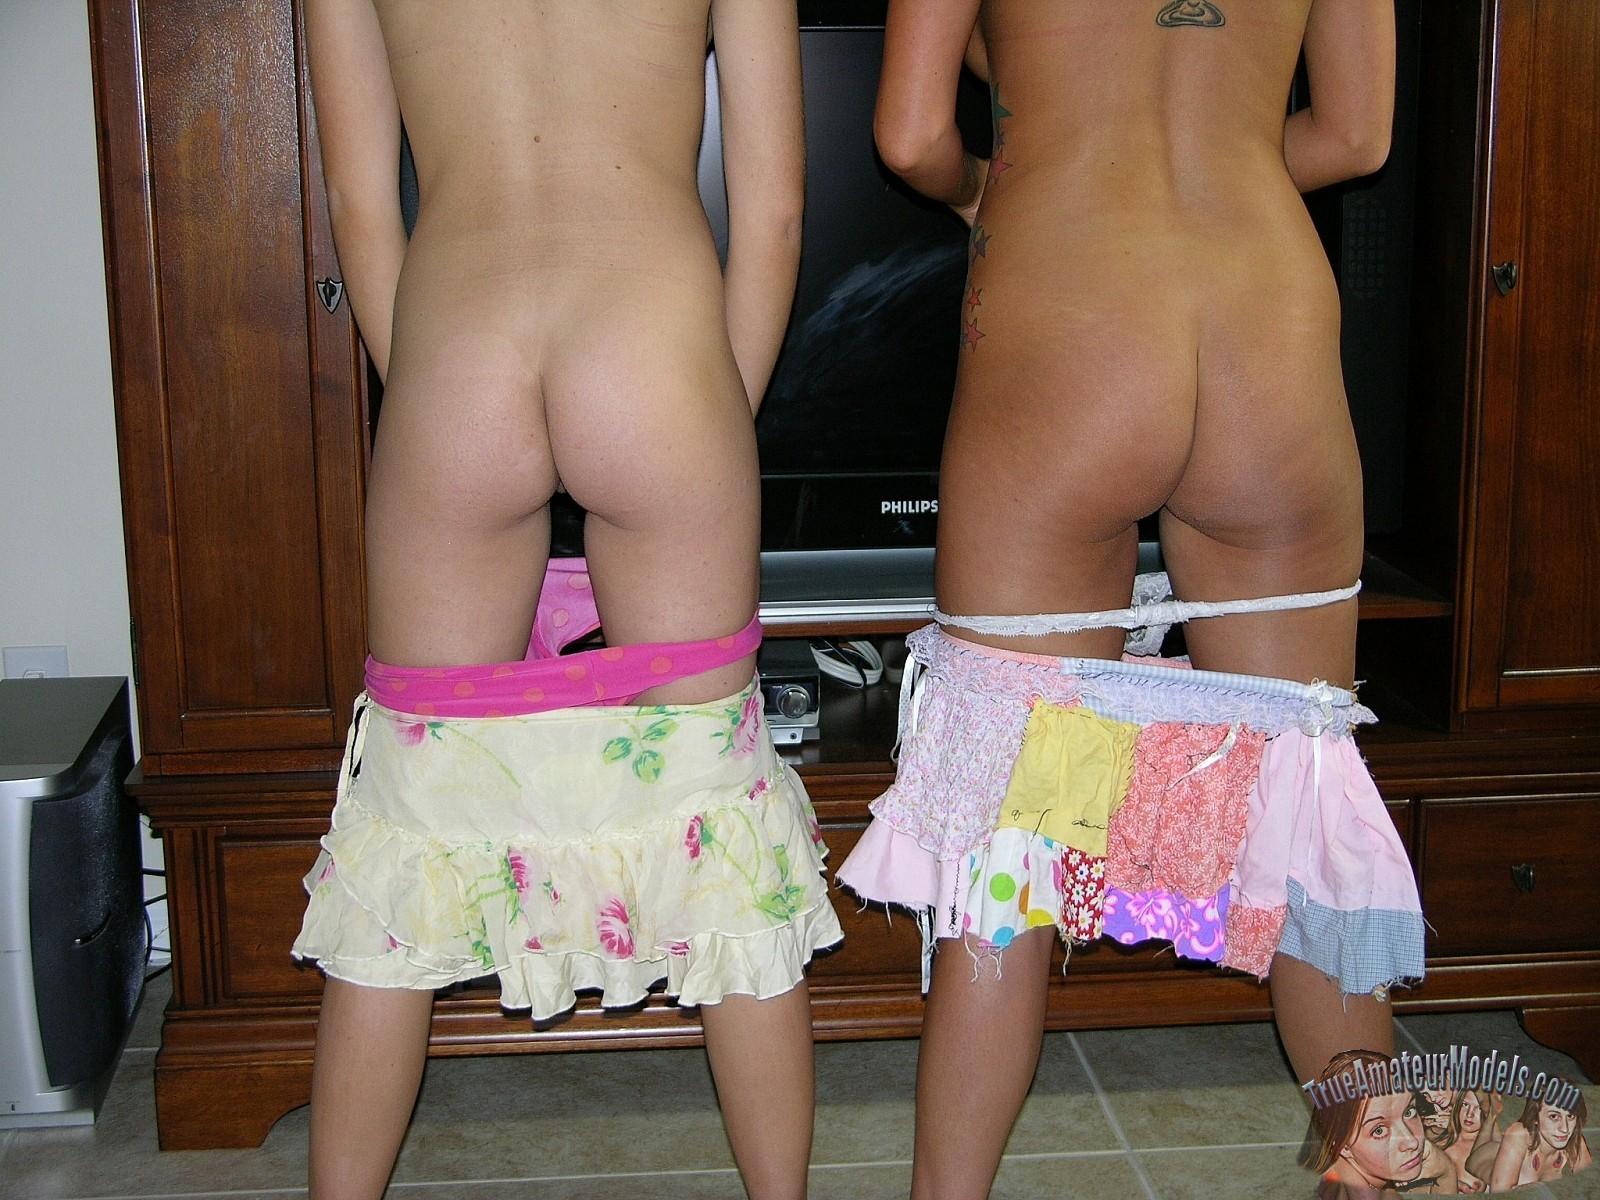 Две симпатичные молодые особы позируют перед камерами в обнаженном виде и ничего не стесняются